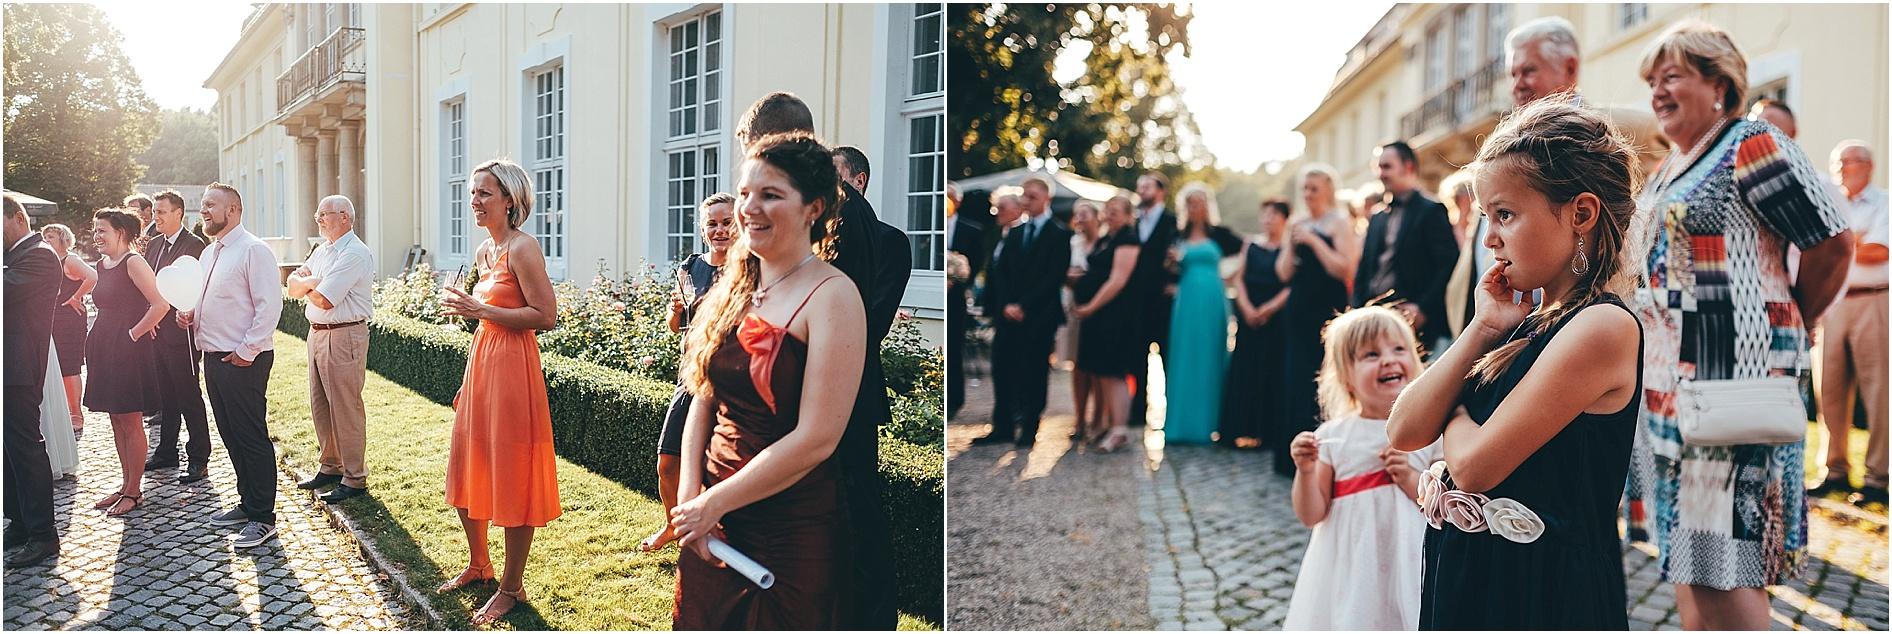 2017-01-17_0096 Sarah & Basti - Hochzeit auf Schloss Hasenwinkel